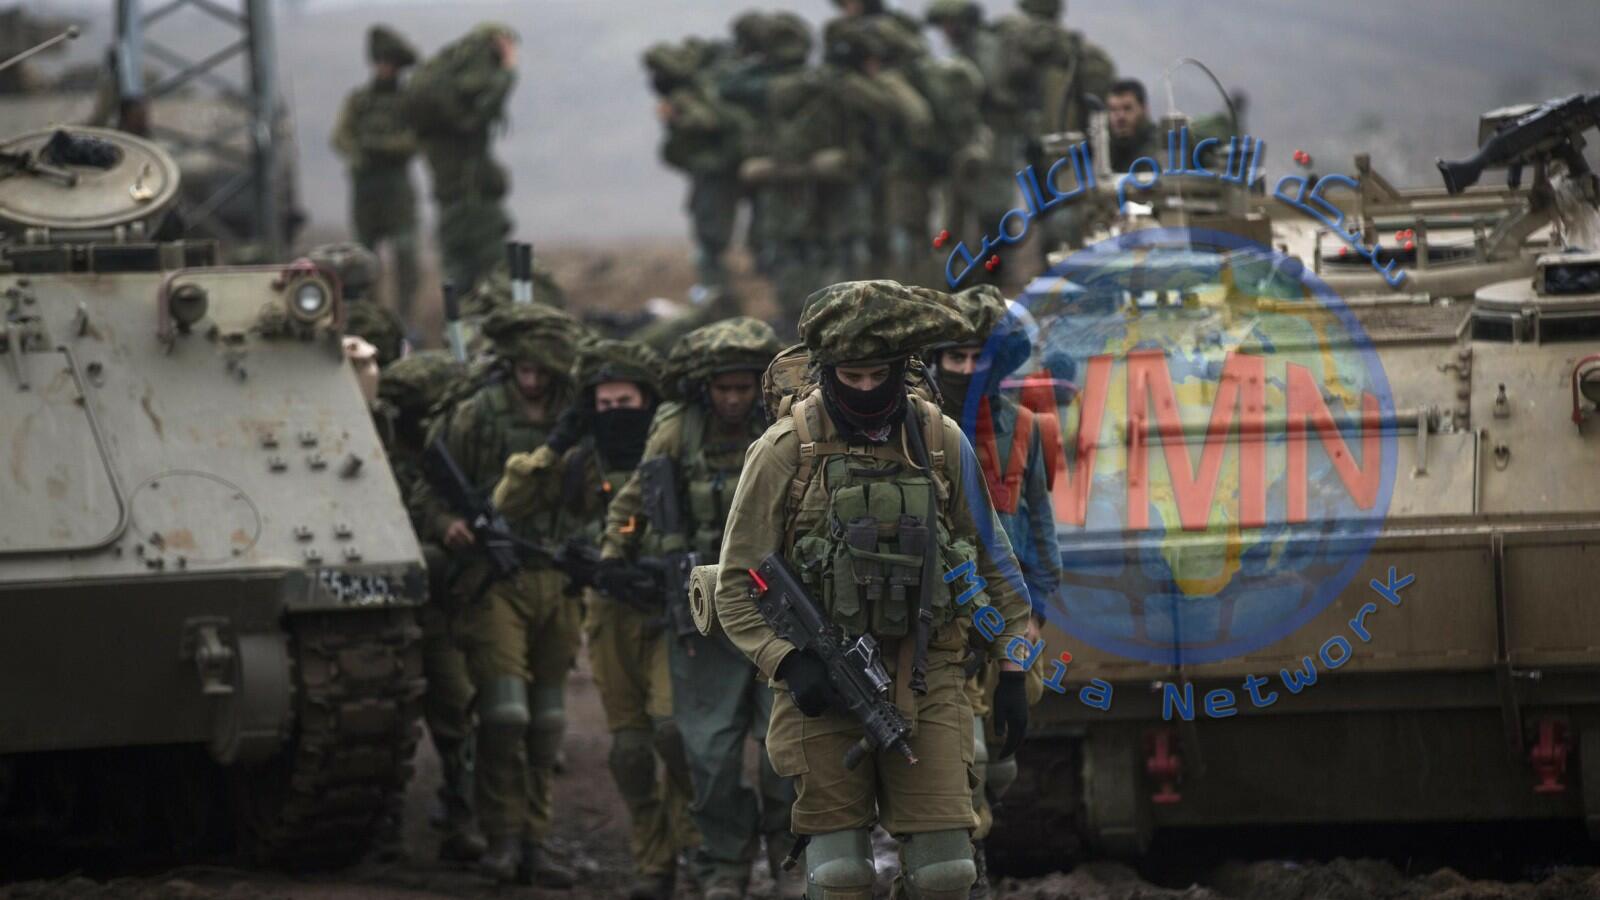 جيش الاحتلال الإسرائيلي يطلق النار على مقر أمني فلسطيني شمالي الضفة